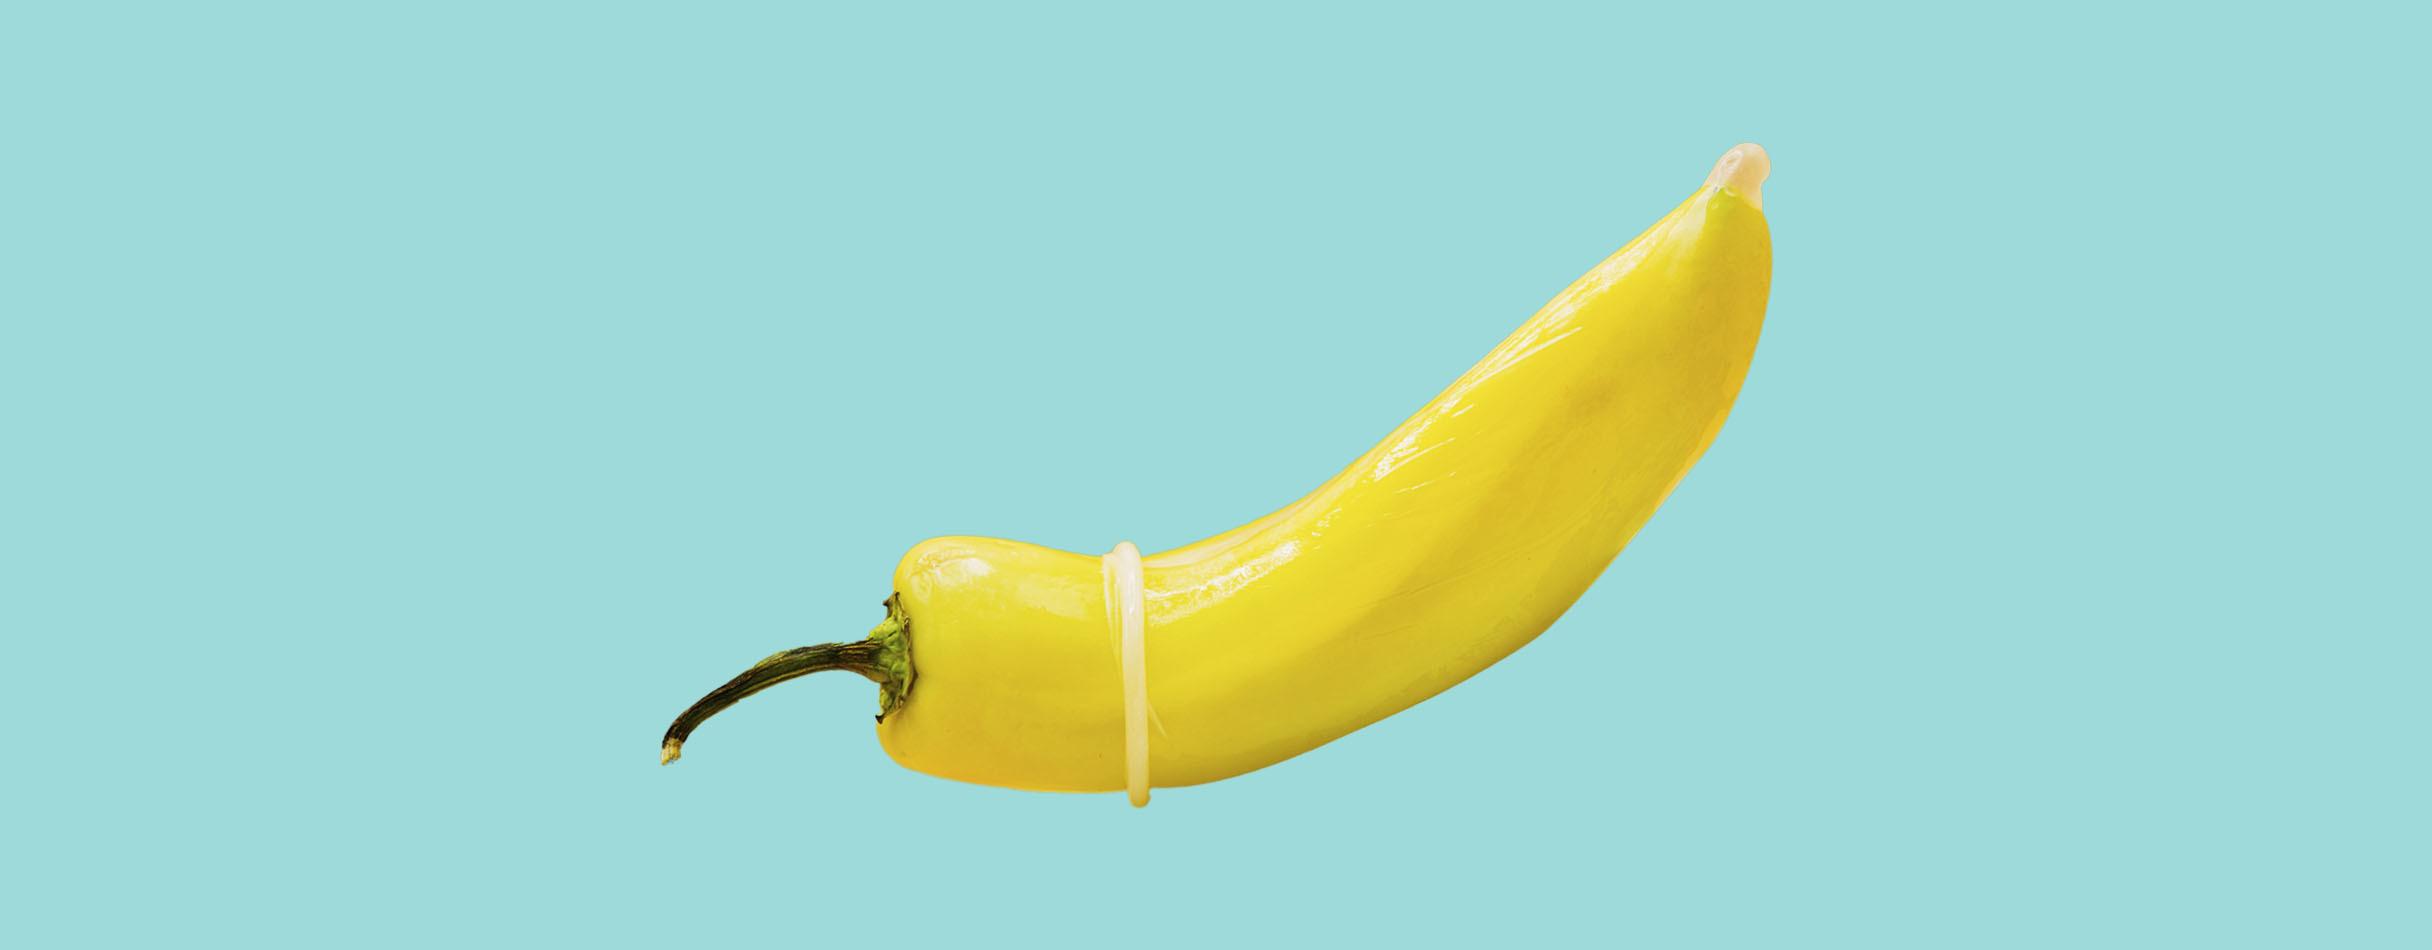 Cómo mejorar la erección | Ejercicios y complementos